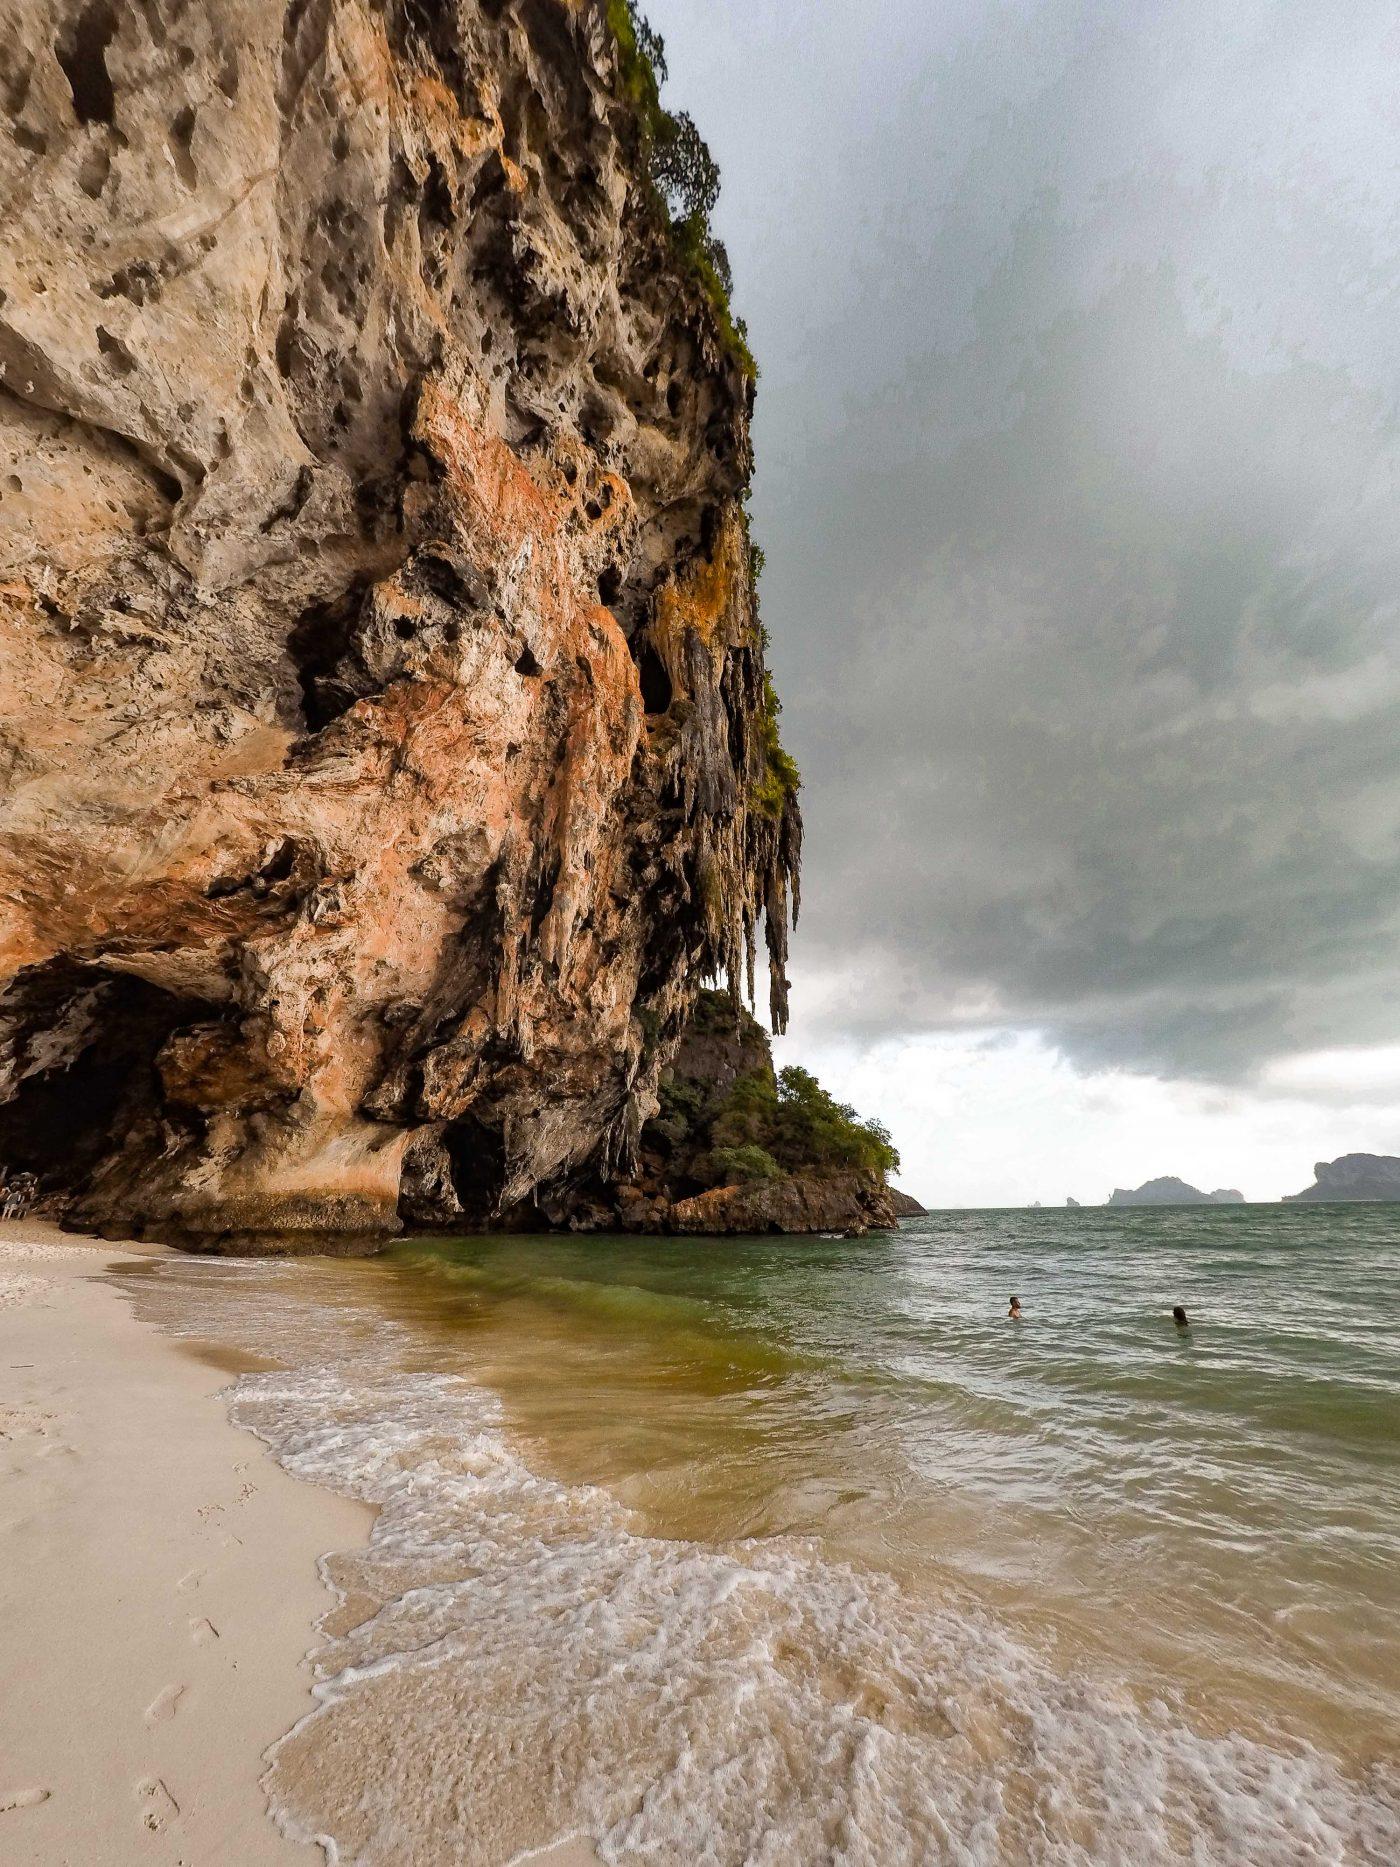 ao nang, railay beach viewpoint, ao nang hiking, ao nang backpacking, railay beach